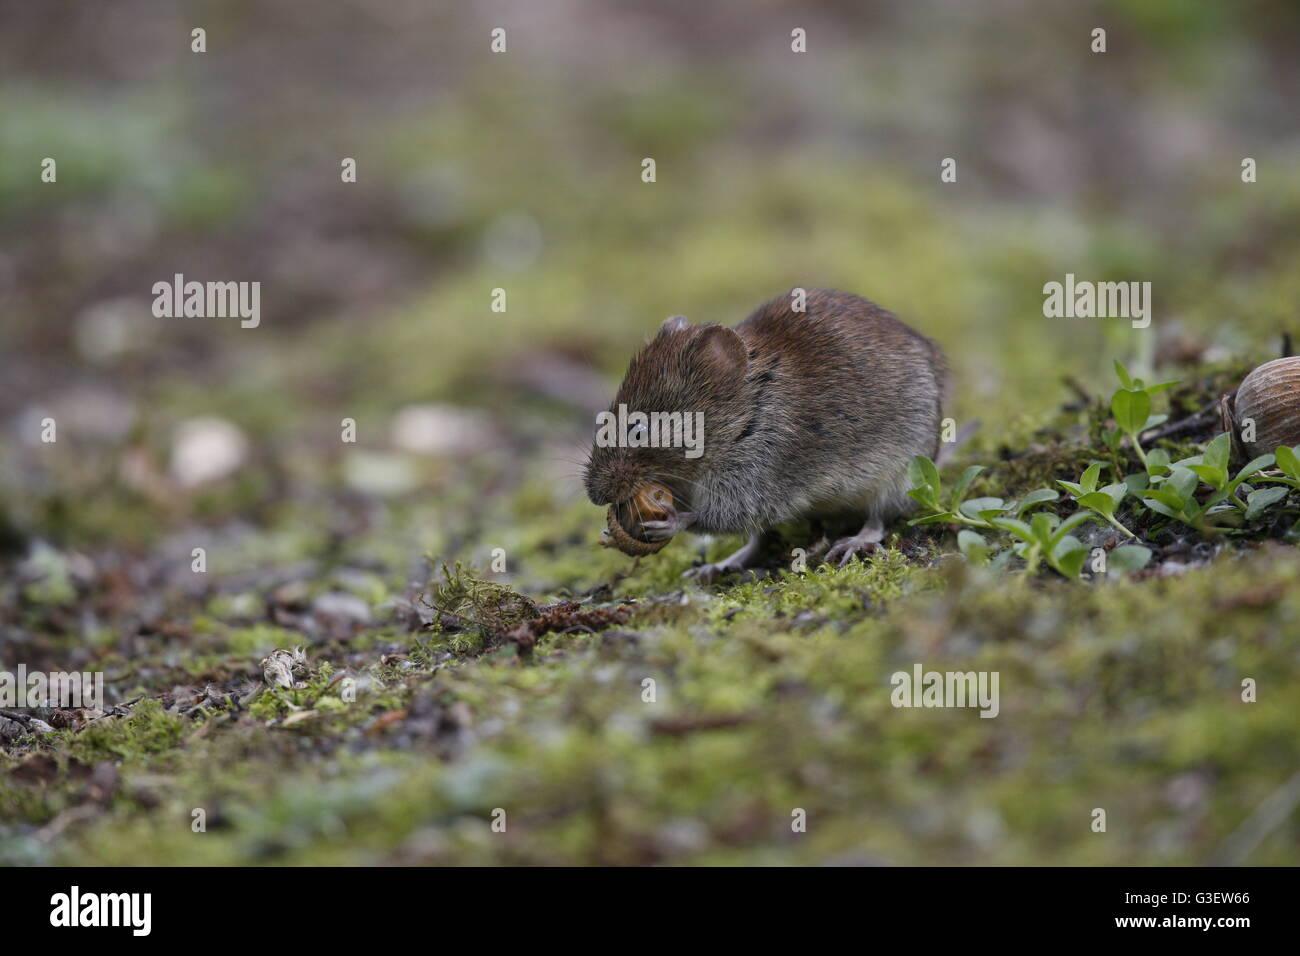 Bank Vole, Myodes (Clethrionomys) glareolus, eating acorn - Stock Image